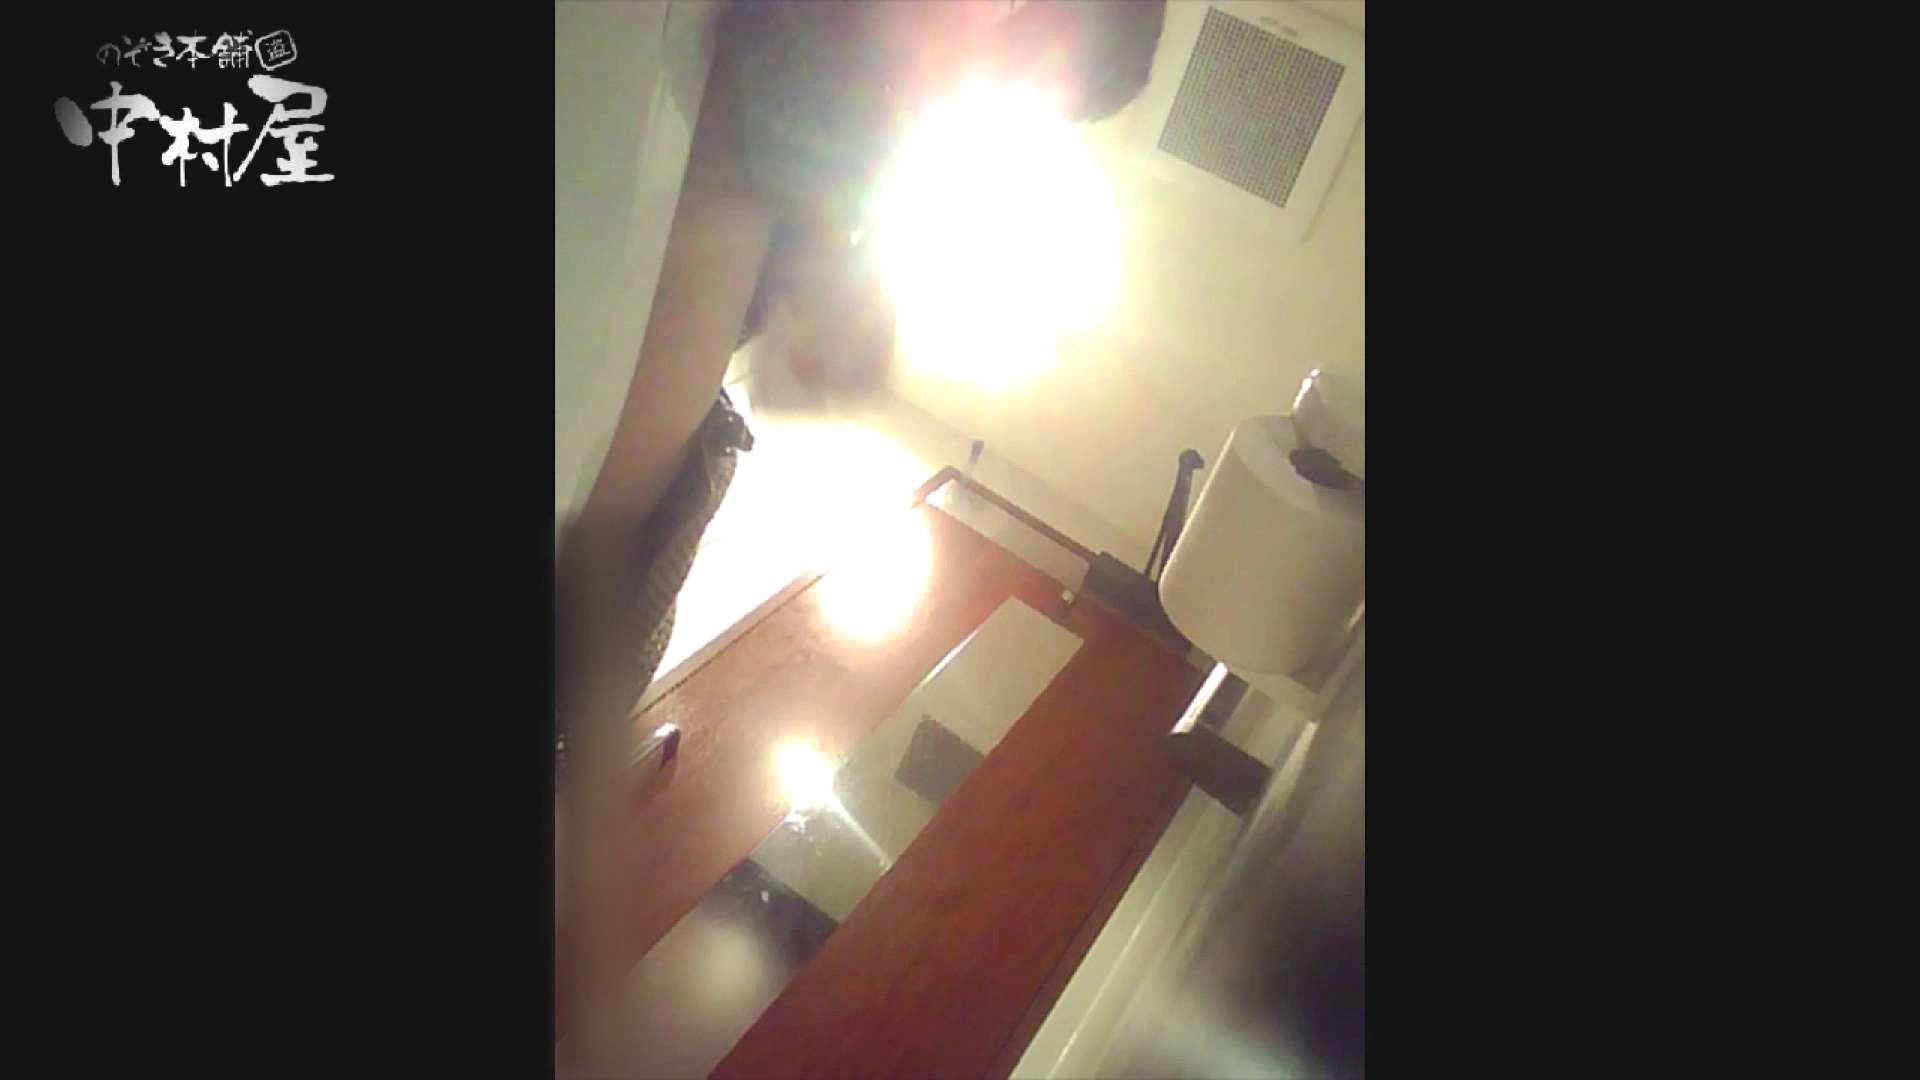 高画質トイレ盗撮vol.12 高画質 のぞき動画キャプチャ 90PIX 71